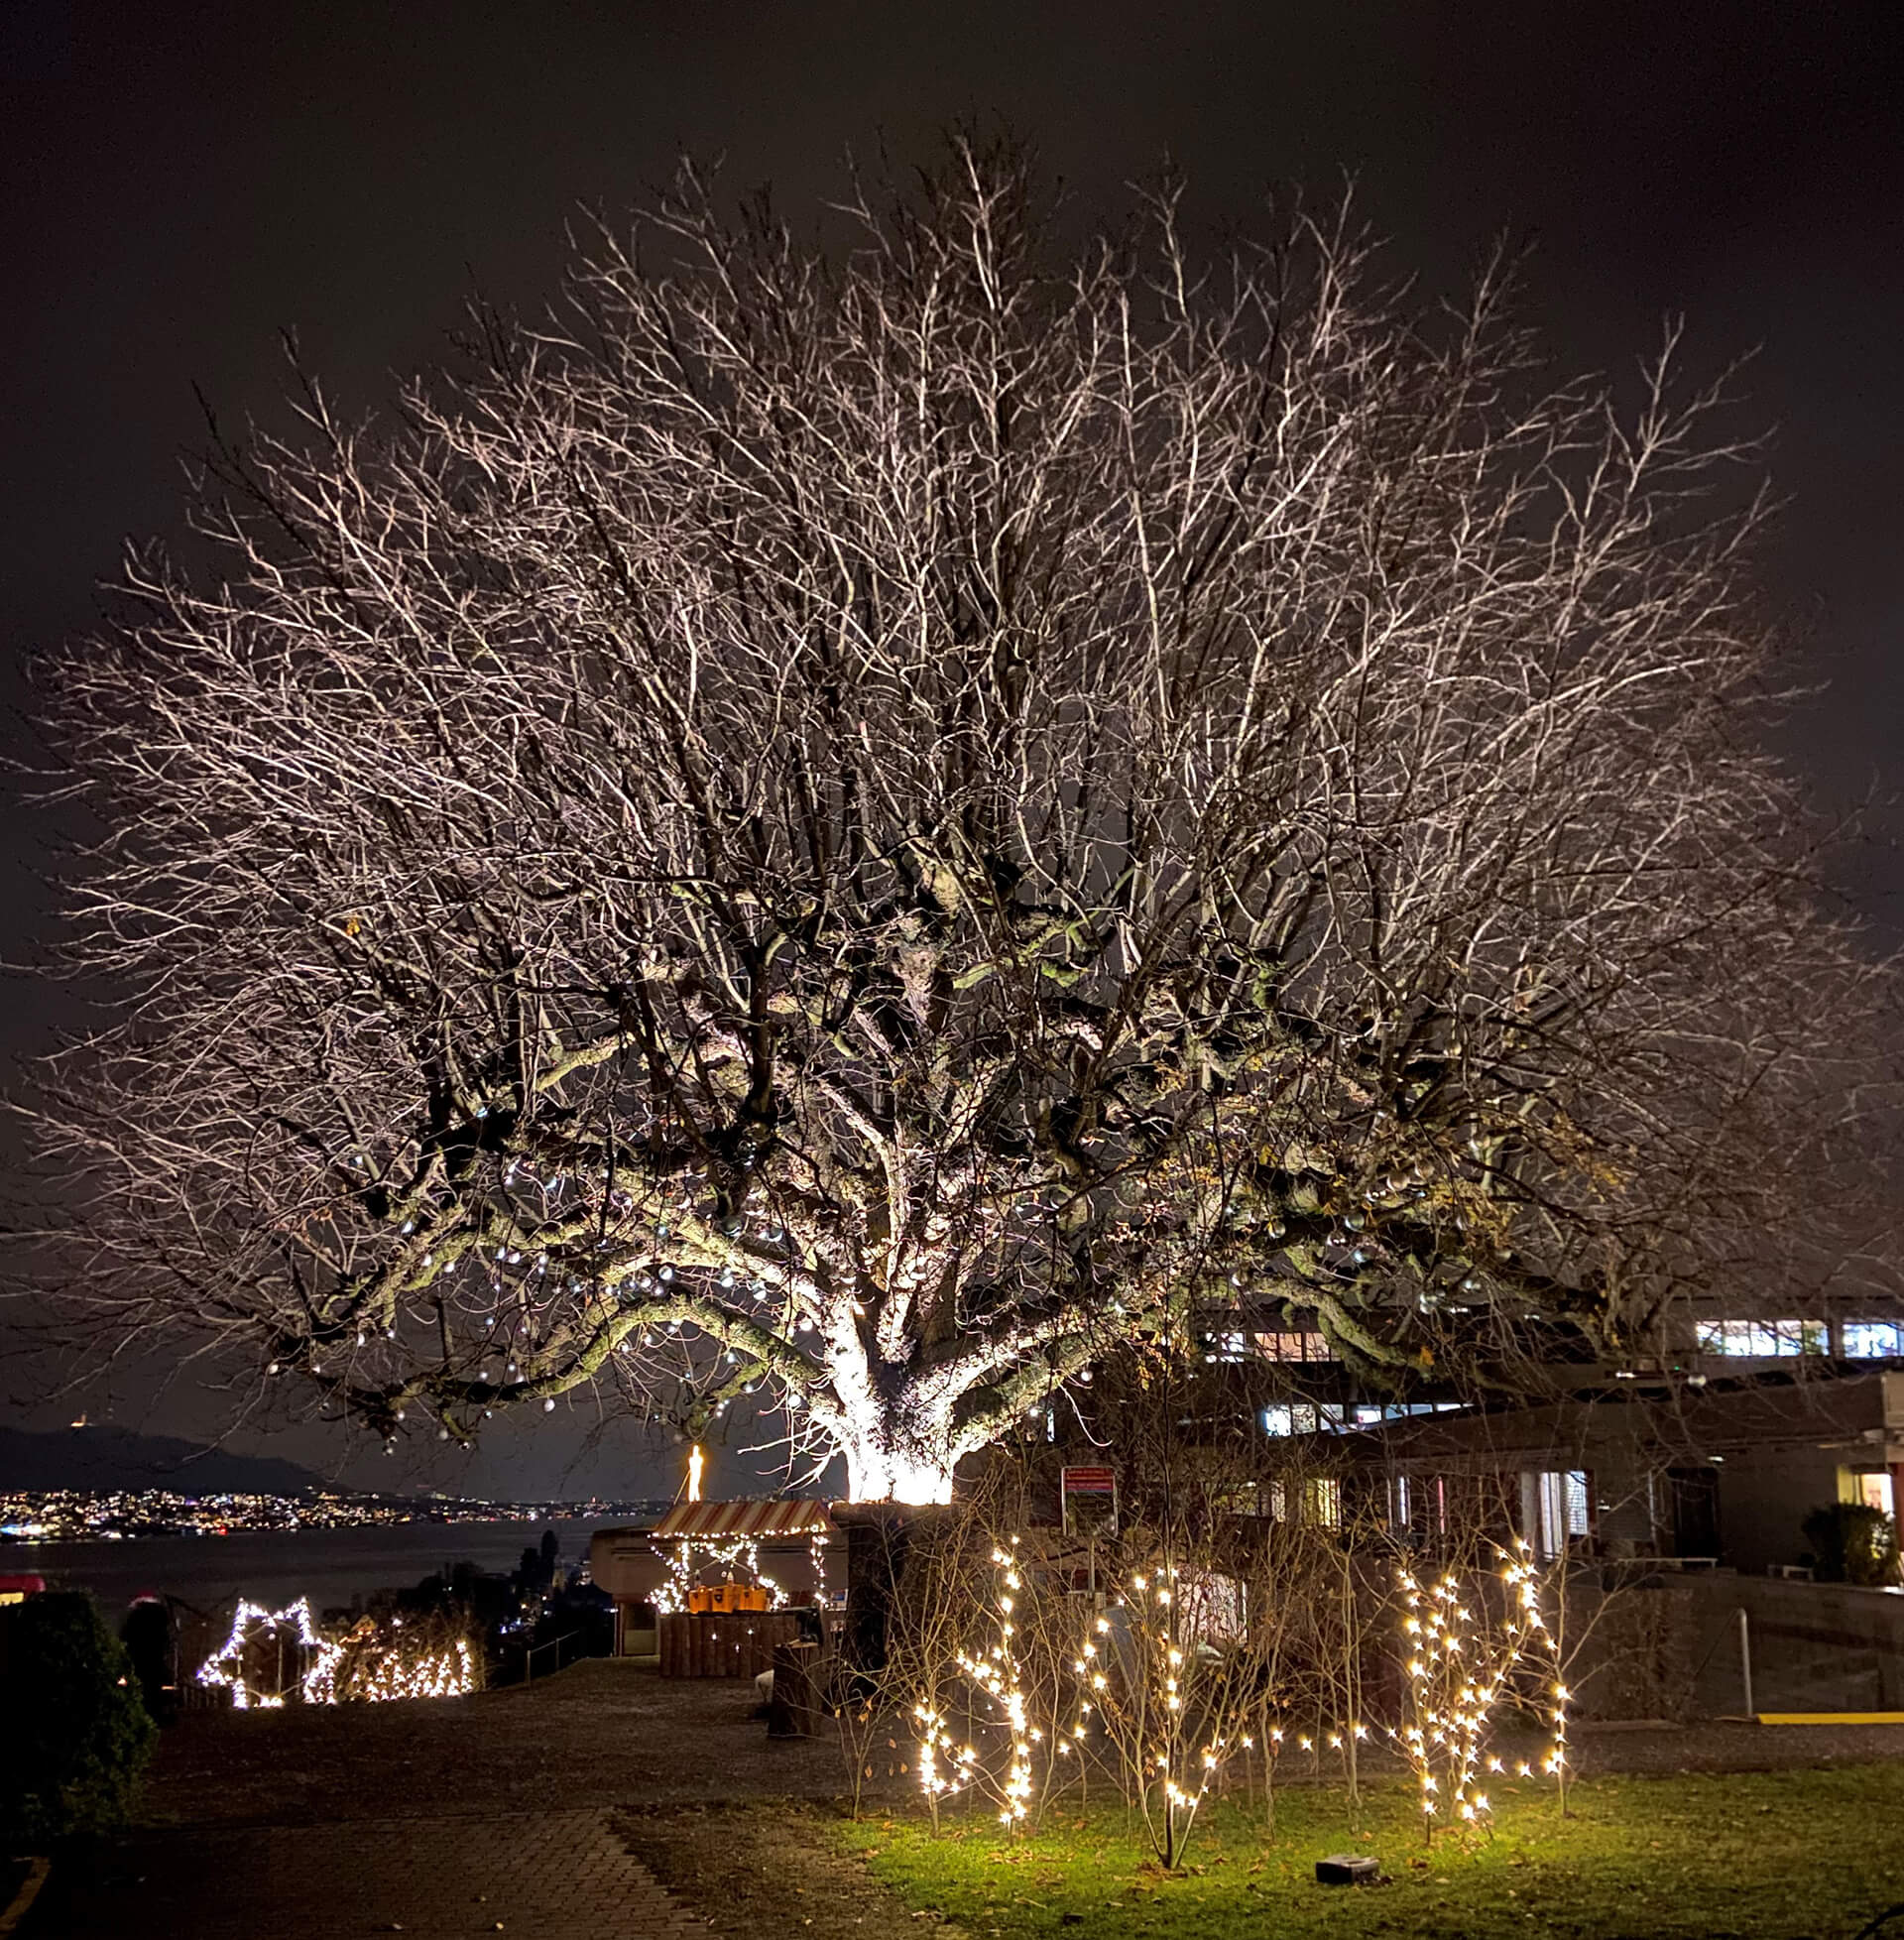 Der Kastanienbaum bei der Martin Stiftung wird in der Adventszeit festlich beleuchtet.